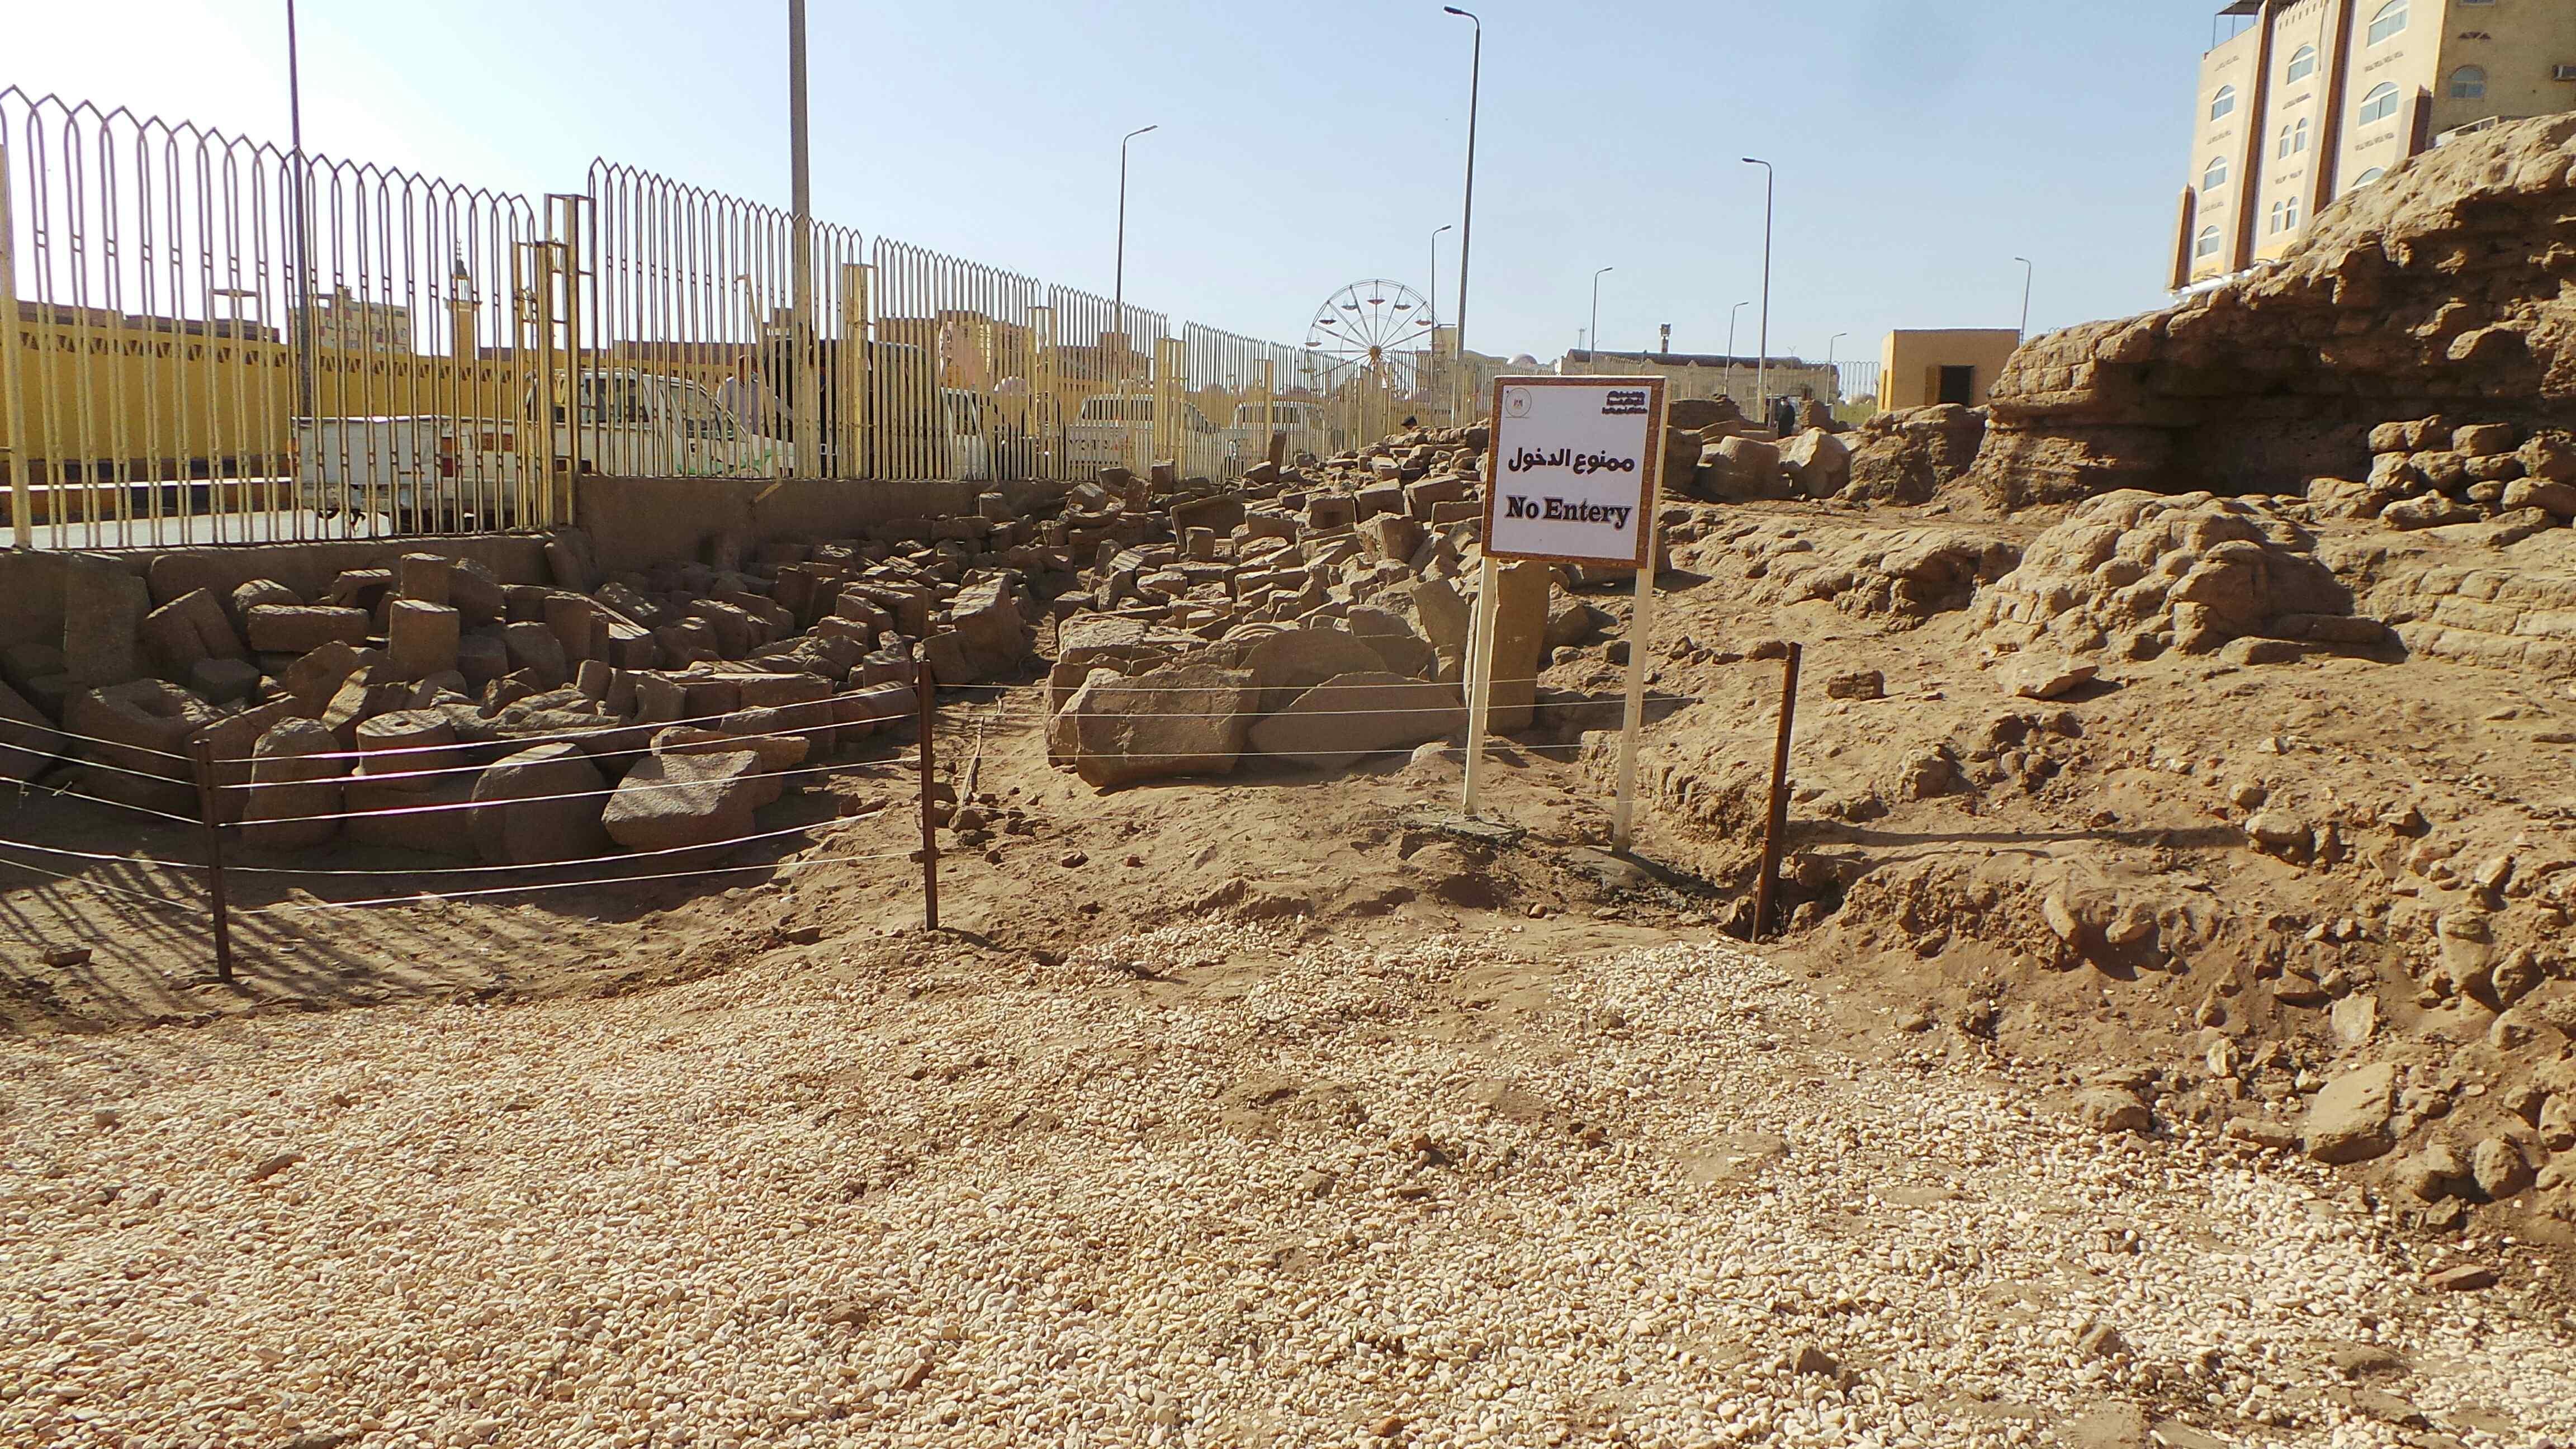 معبد إيزيس بعد افتتاحه بمناسبة عيد أسوان (1)